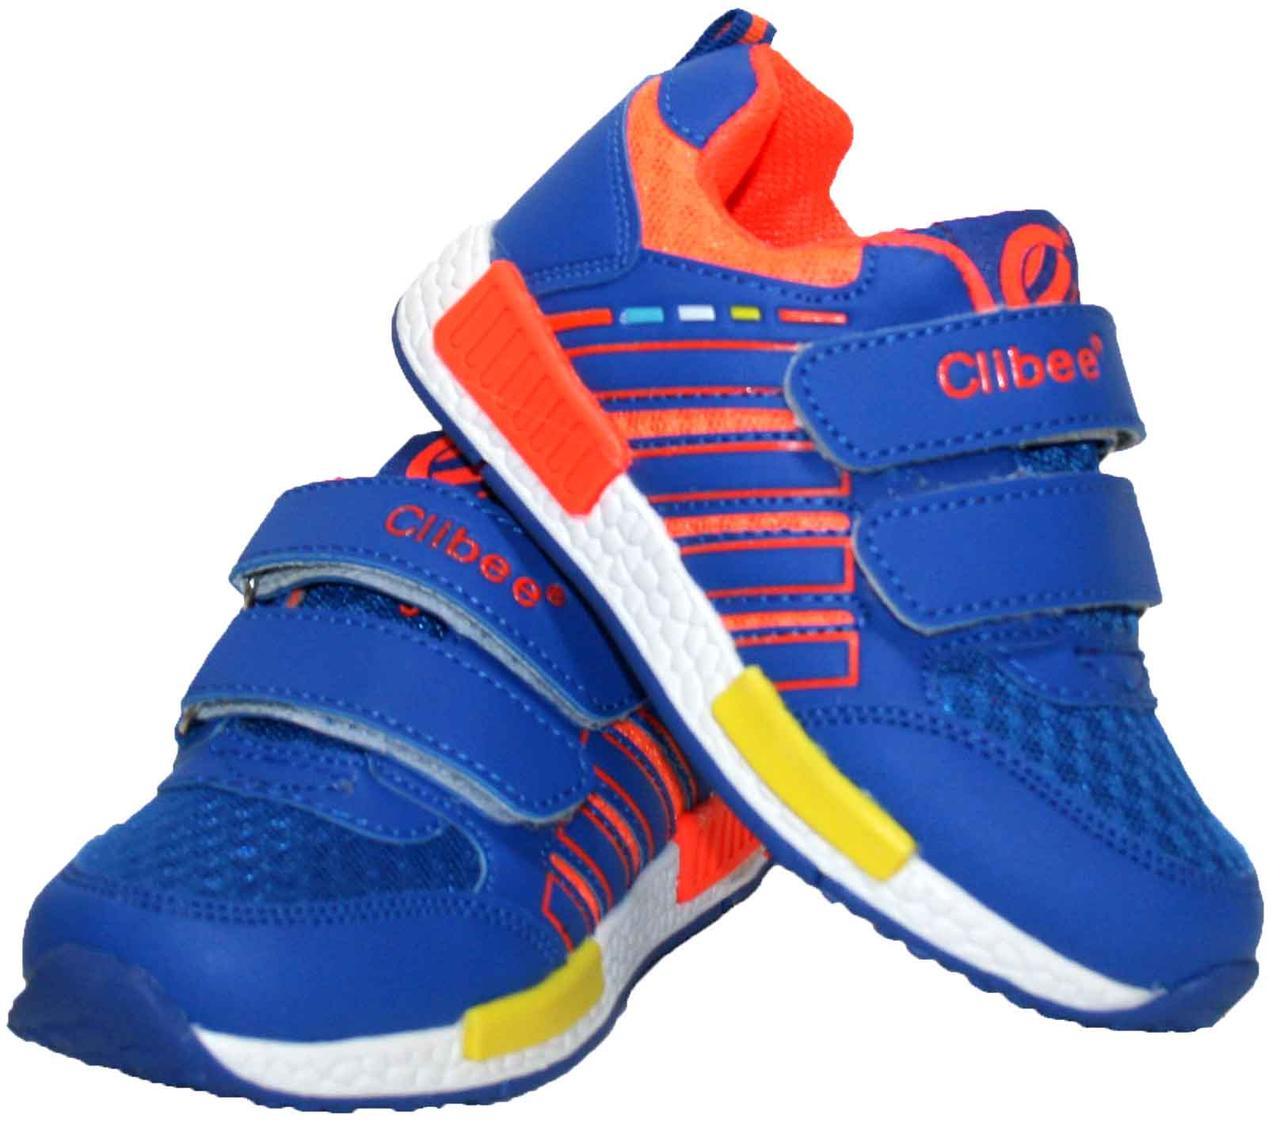 Дитячі кросівки для хлопчика Clibee Польща розміри 26-31